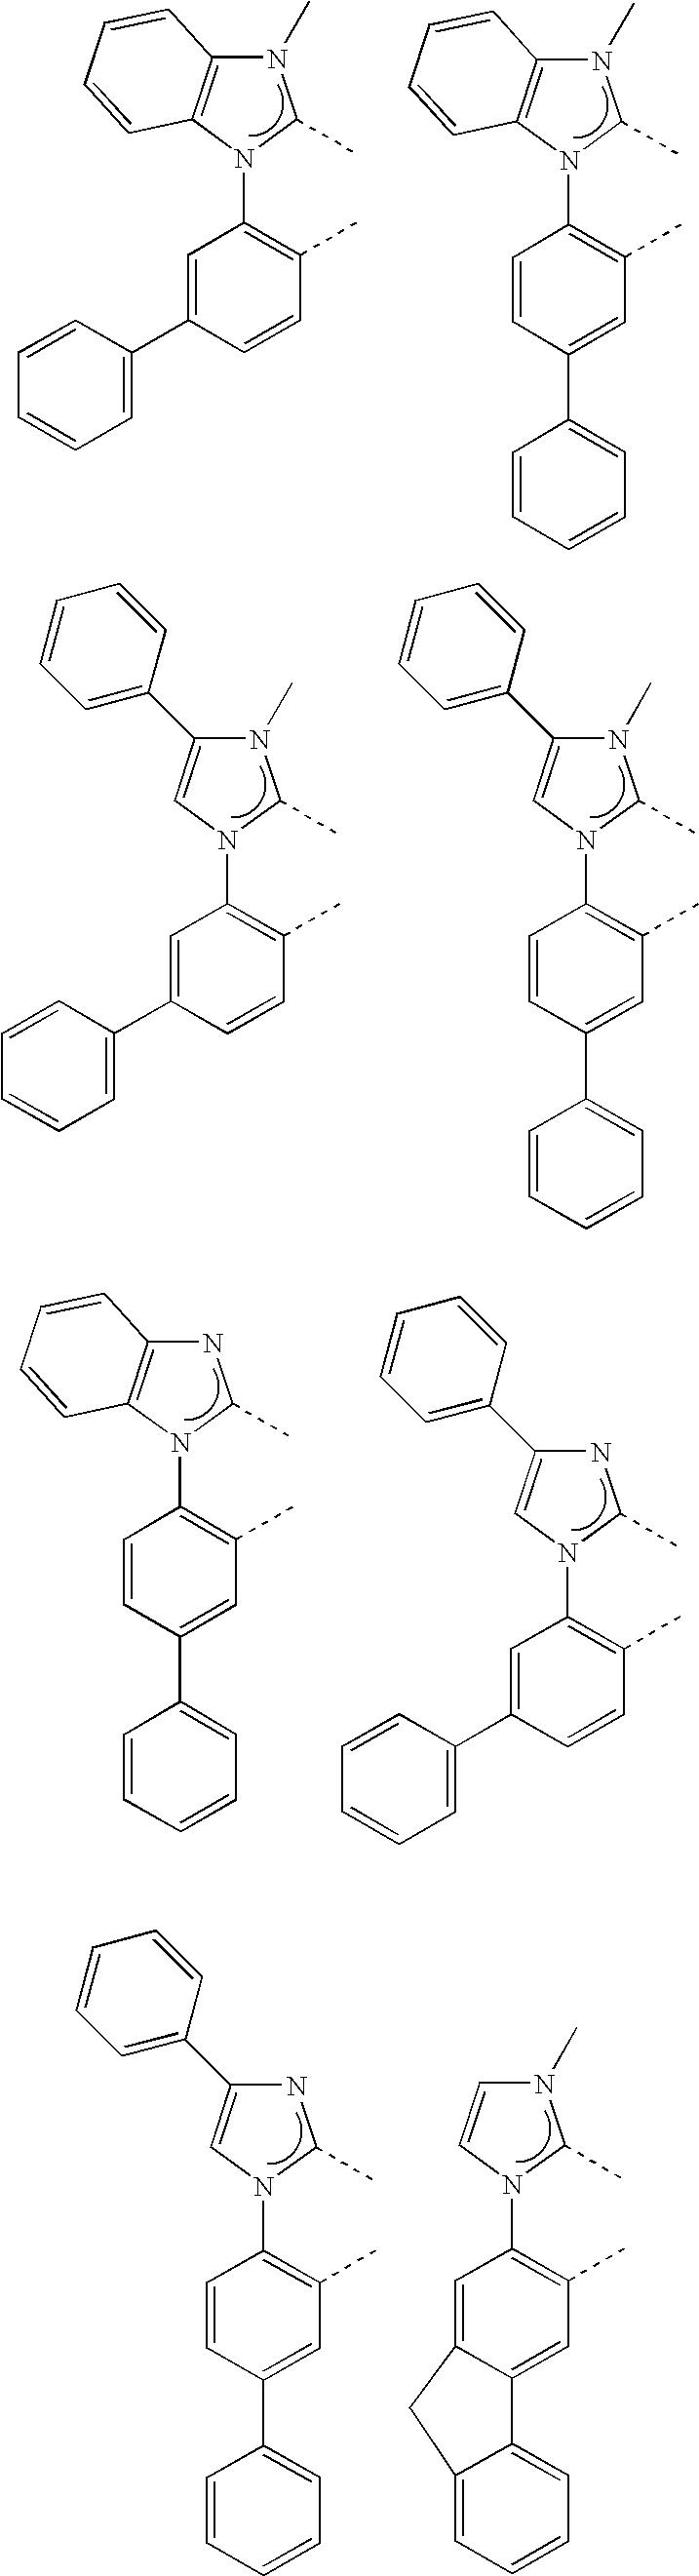 Figure US07491823-20090217-C00033